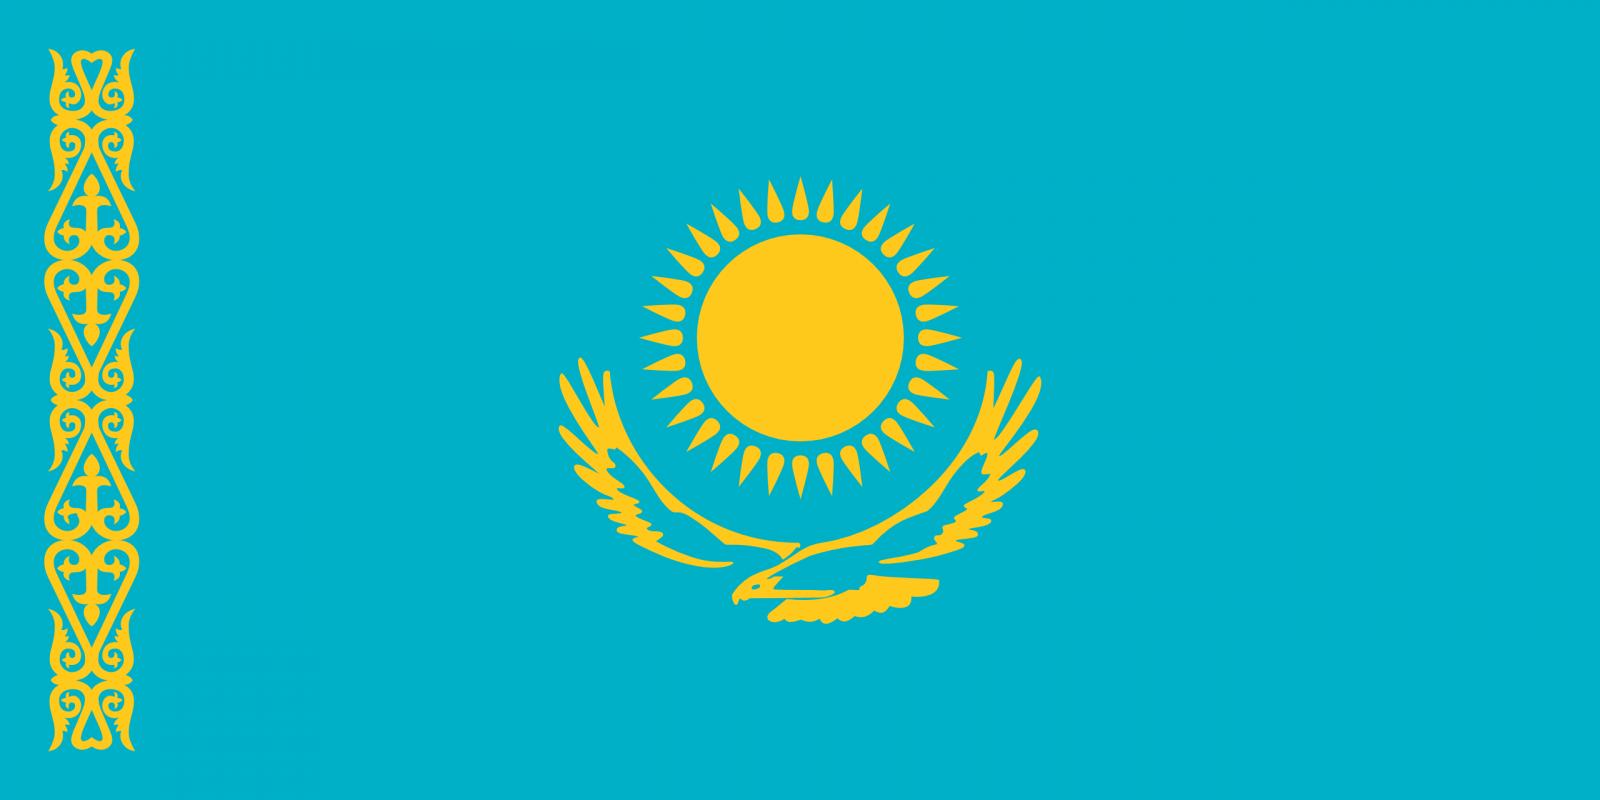 2d77b20f95880 Важно!!! Условия работы для РОССИИ и КАЗАХСТАНА Минимальная сумма первой  закупки 3500грн., все последующие не меньше чем на 2500 грн.